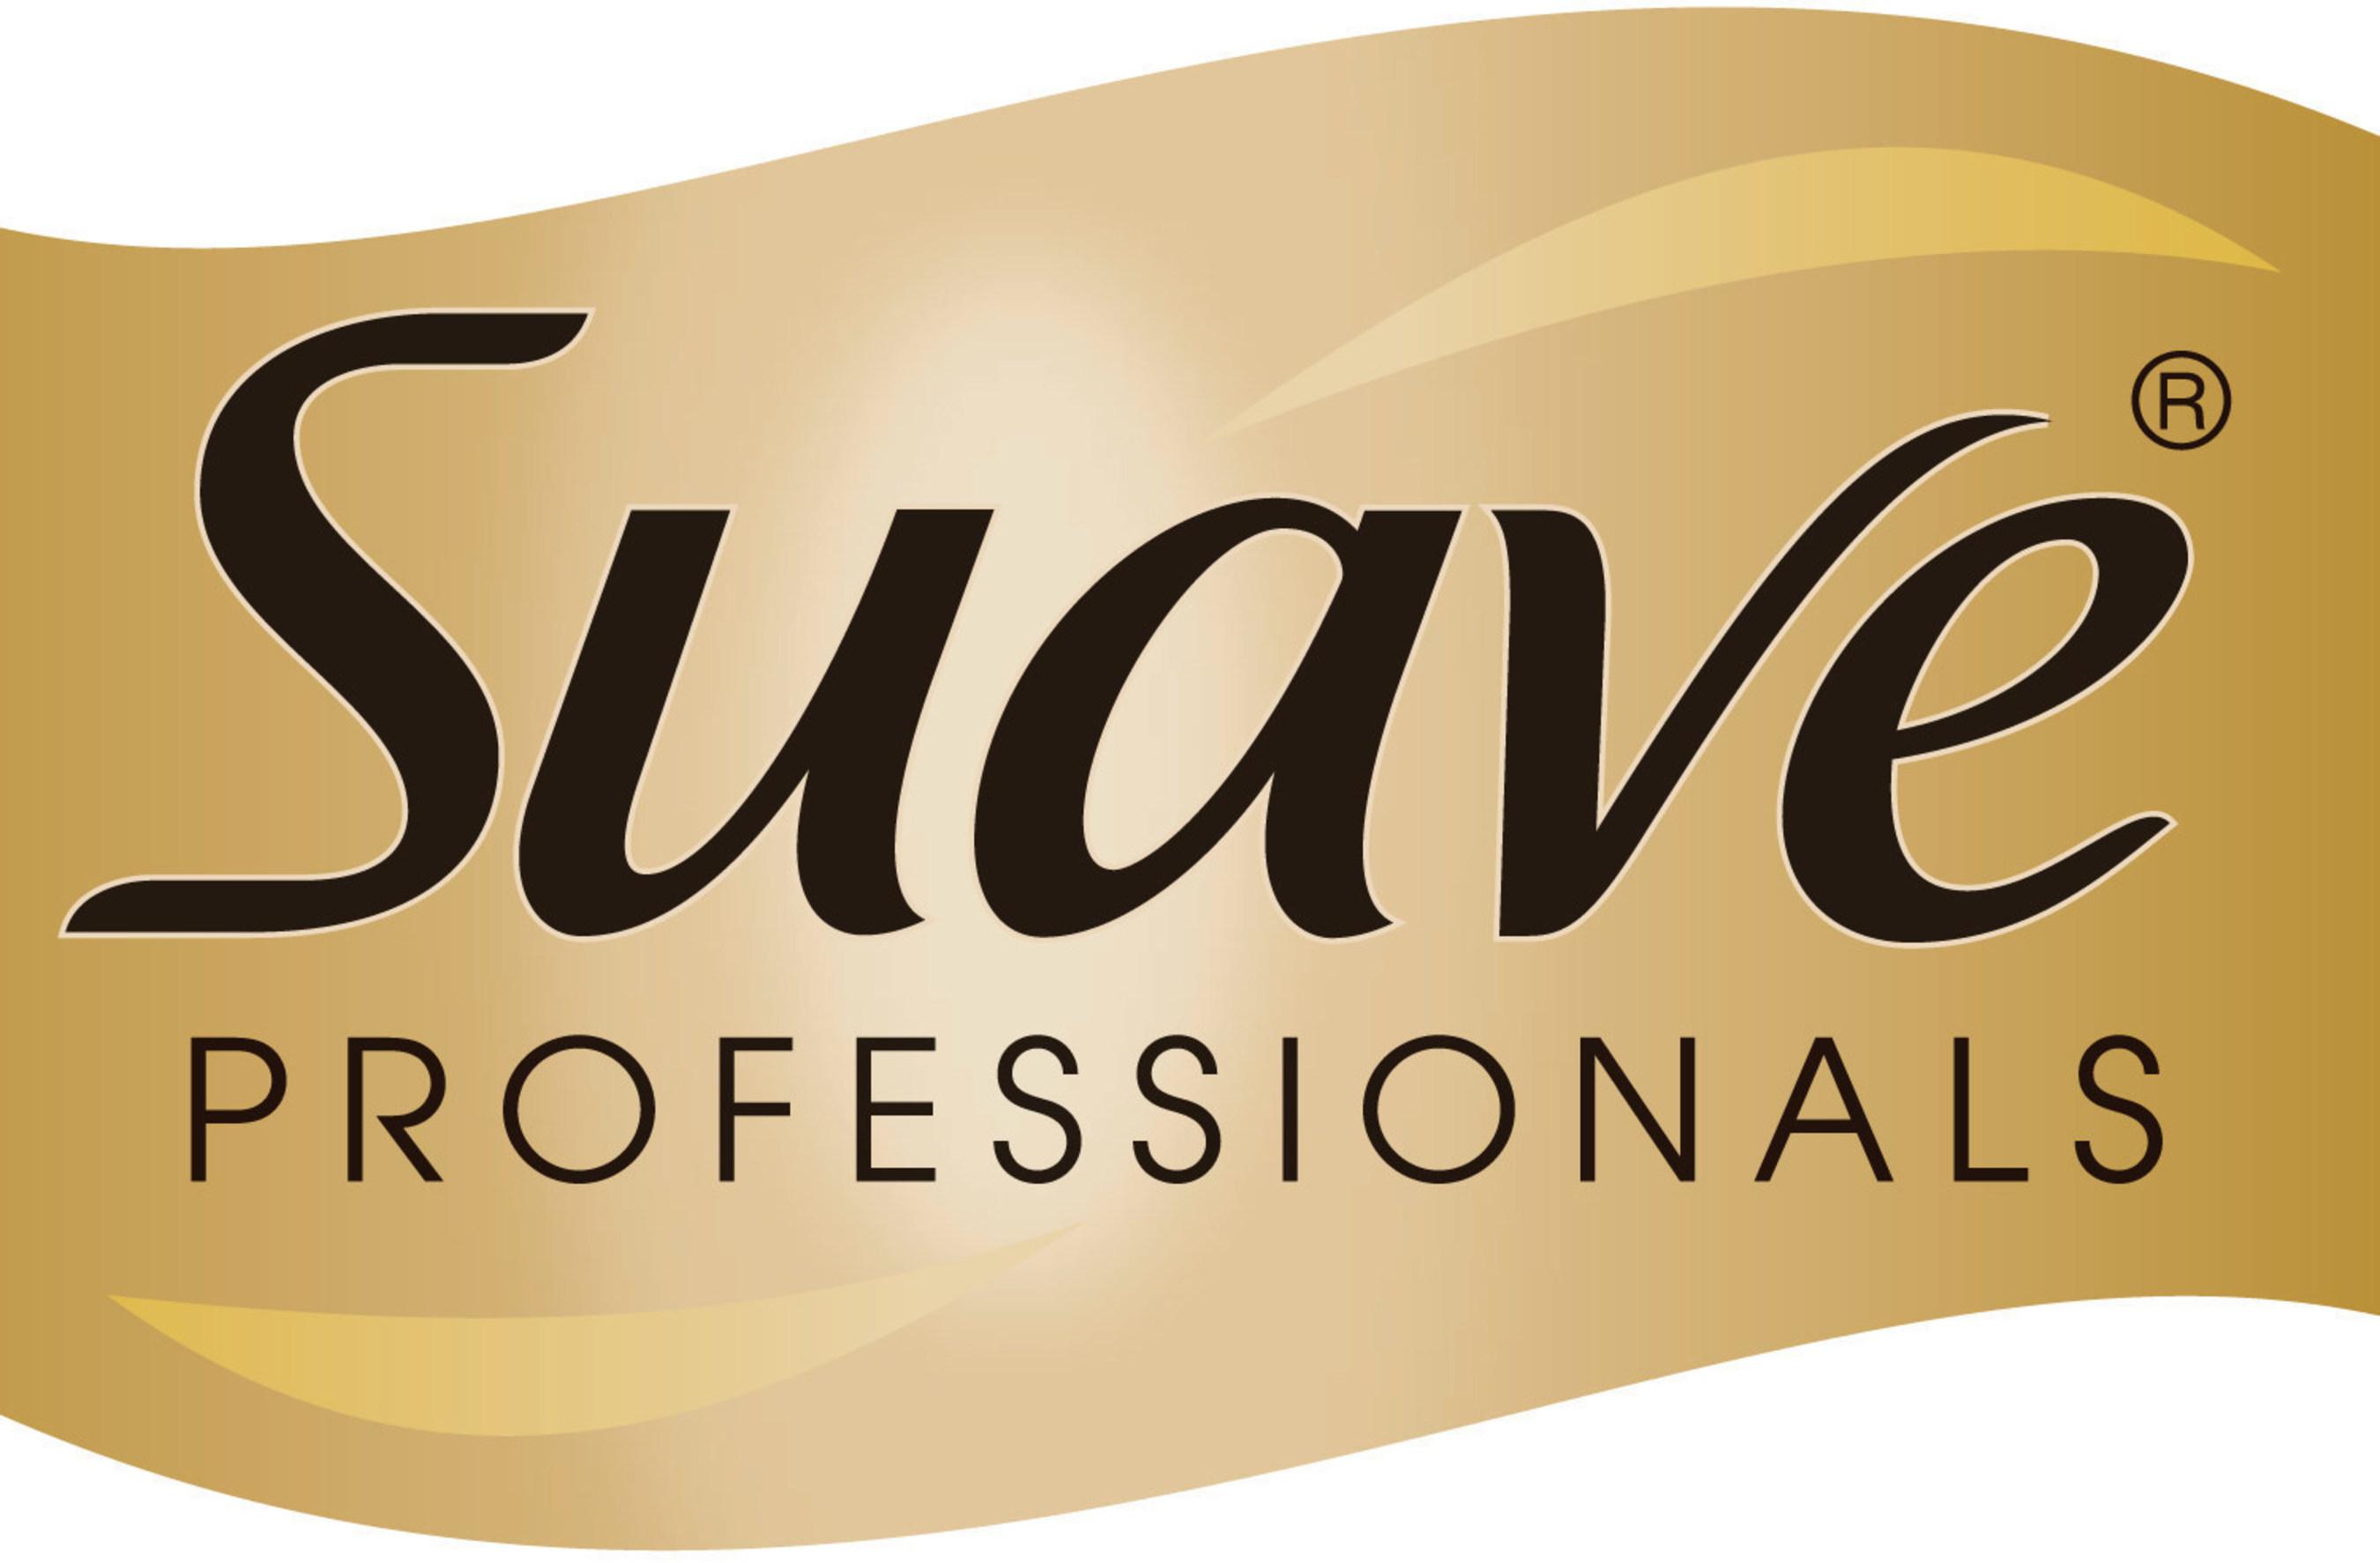 Suave Professionals logo